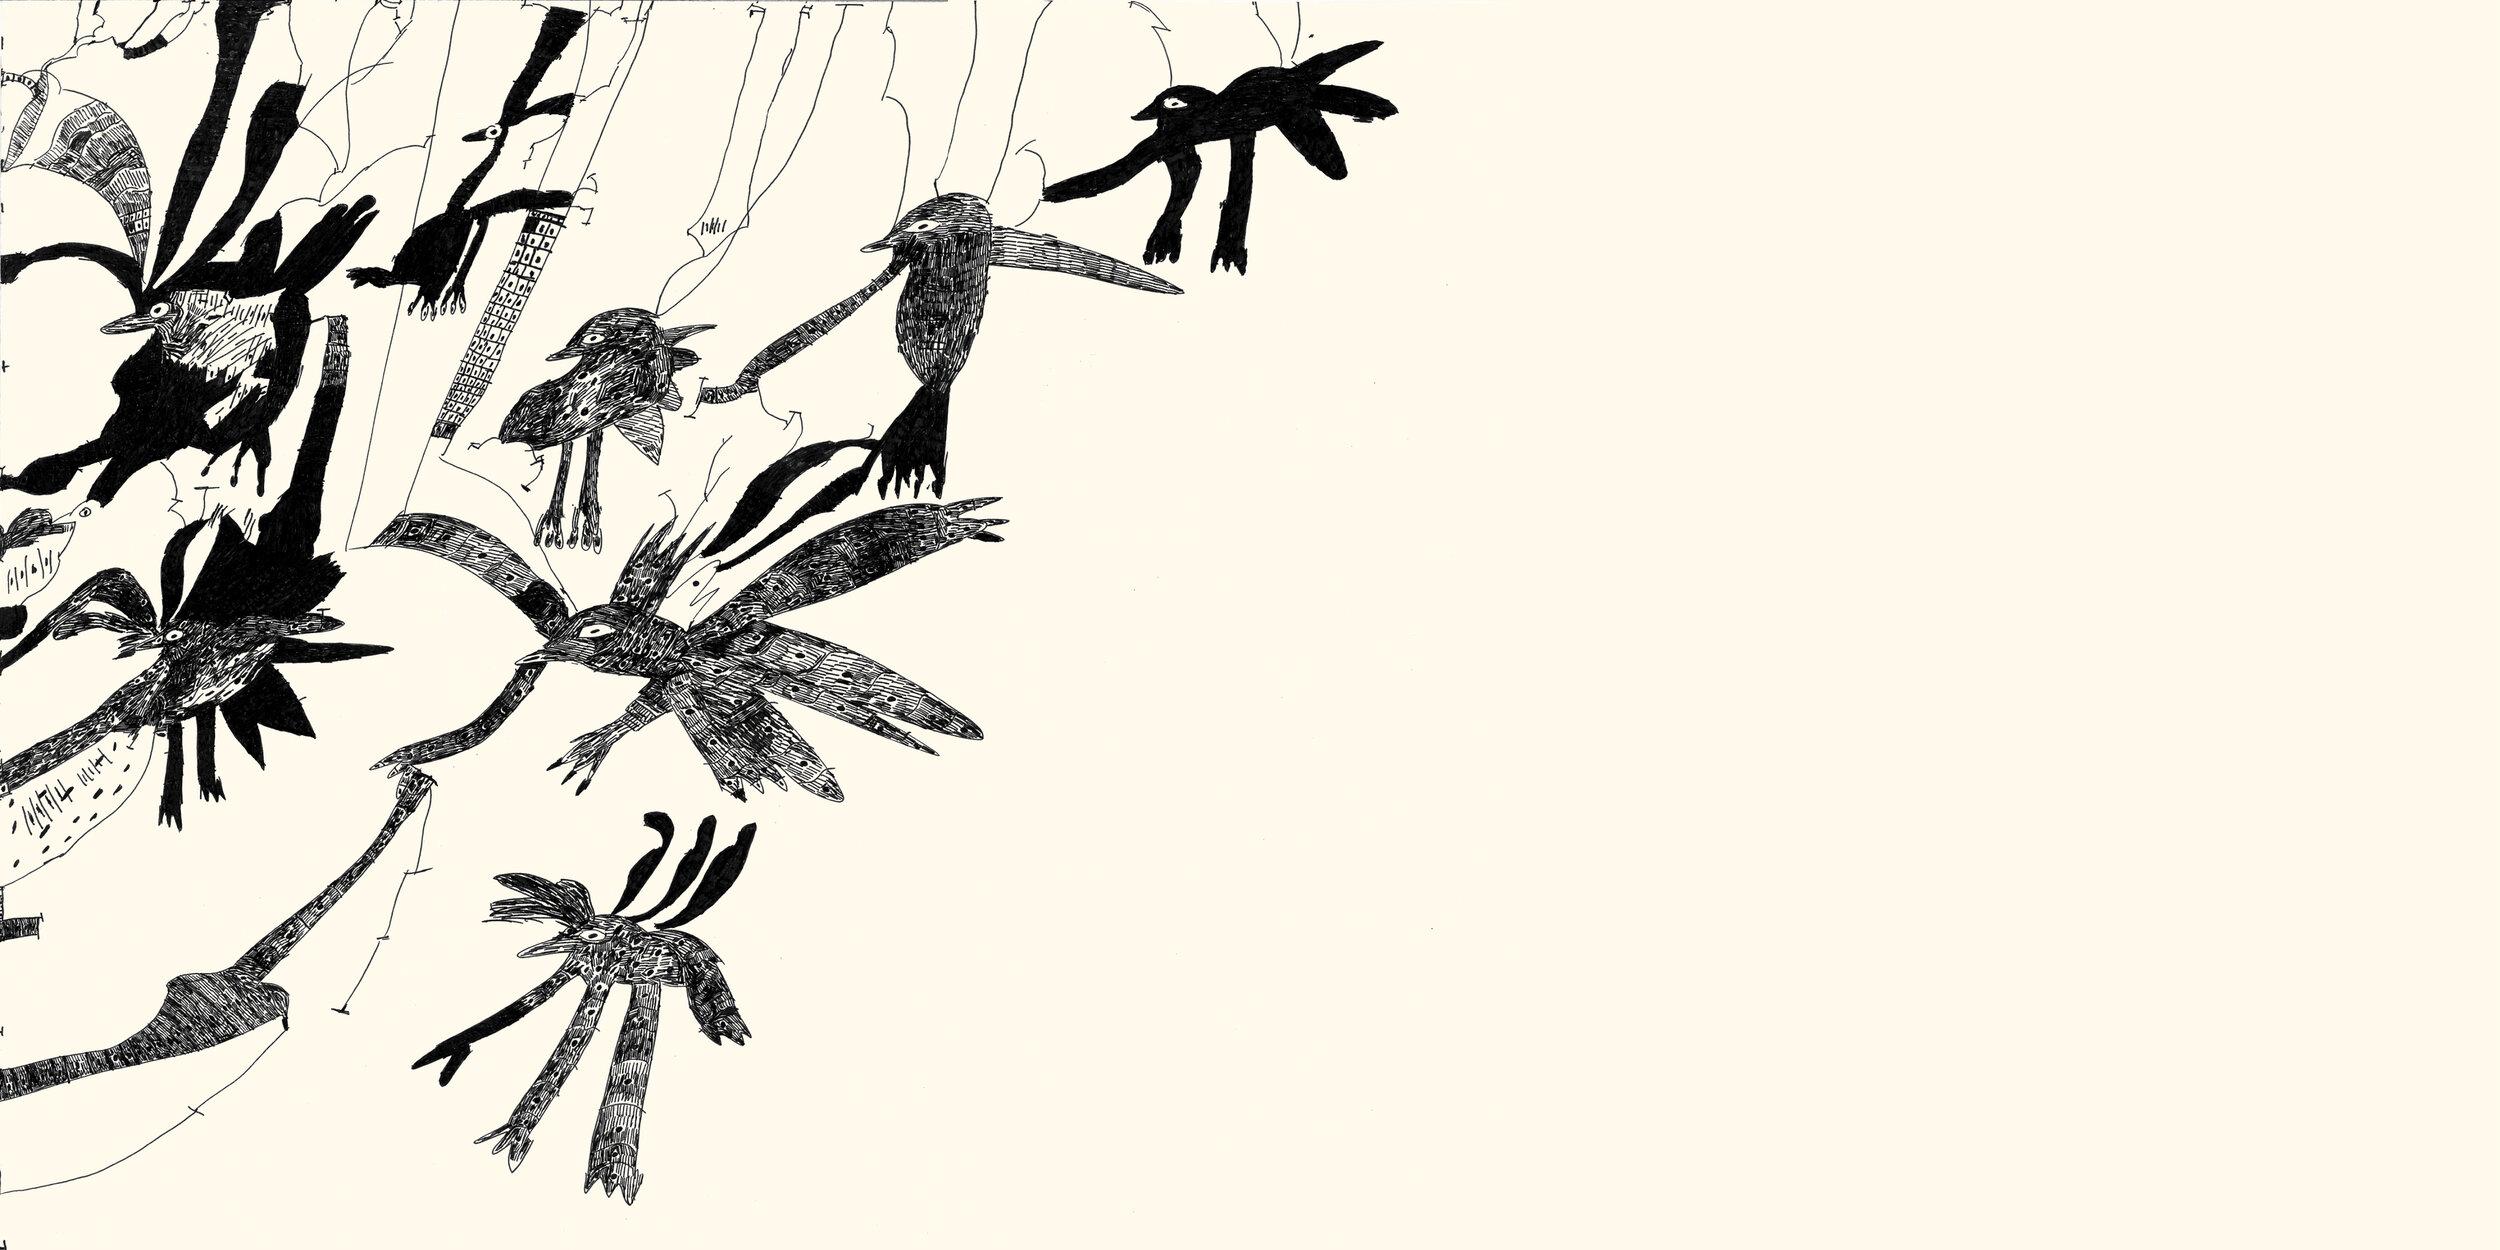 ['Birds' (detail) by Kristy Sweeney]